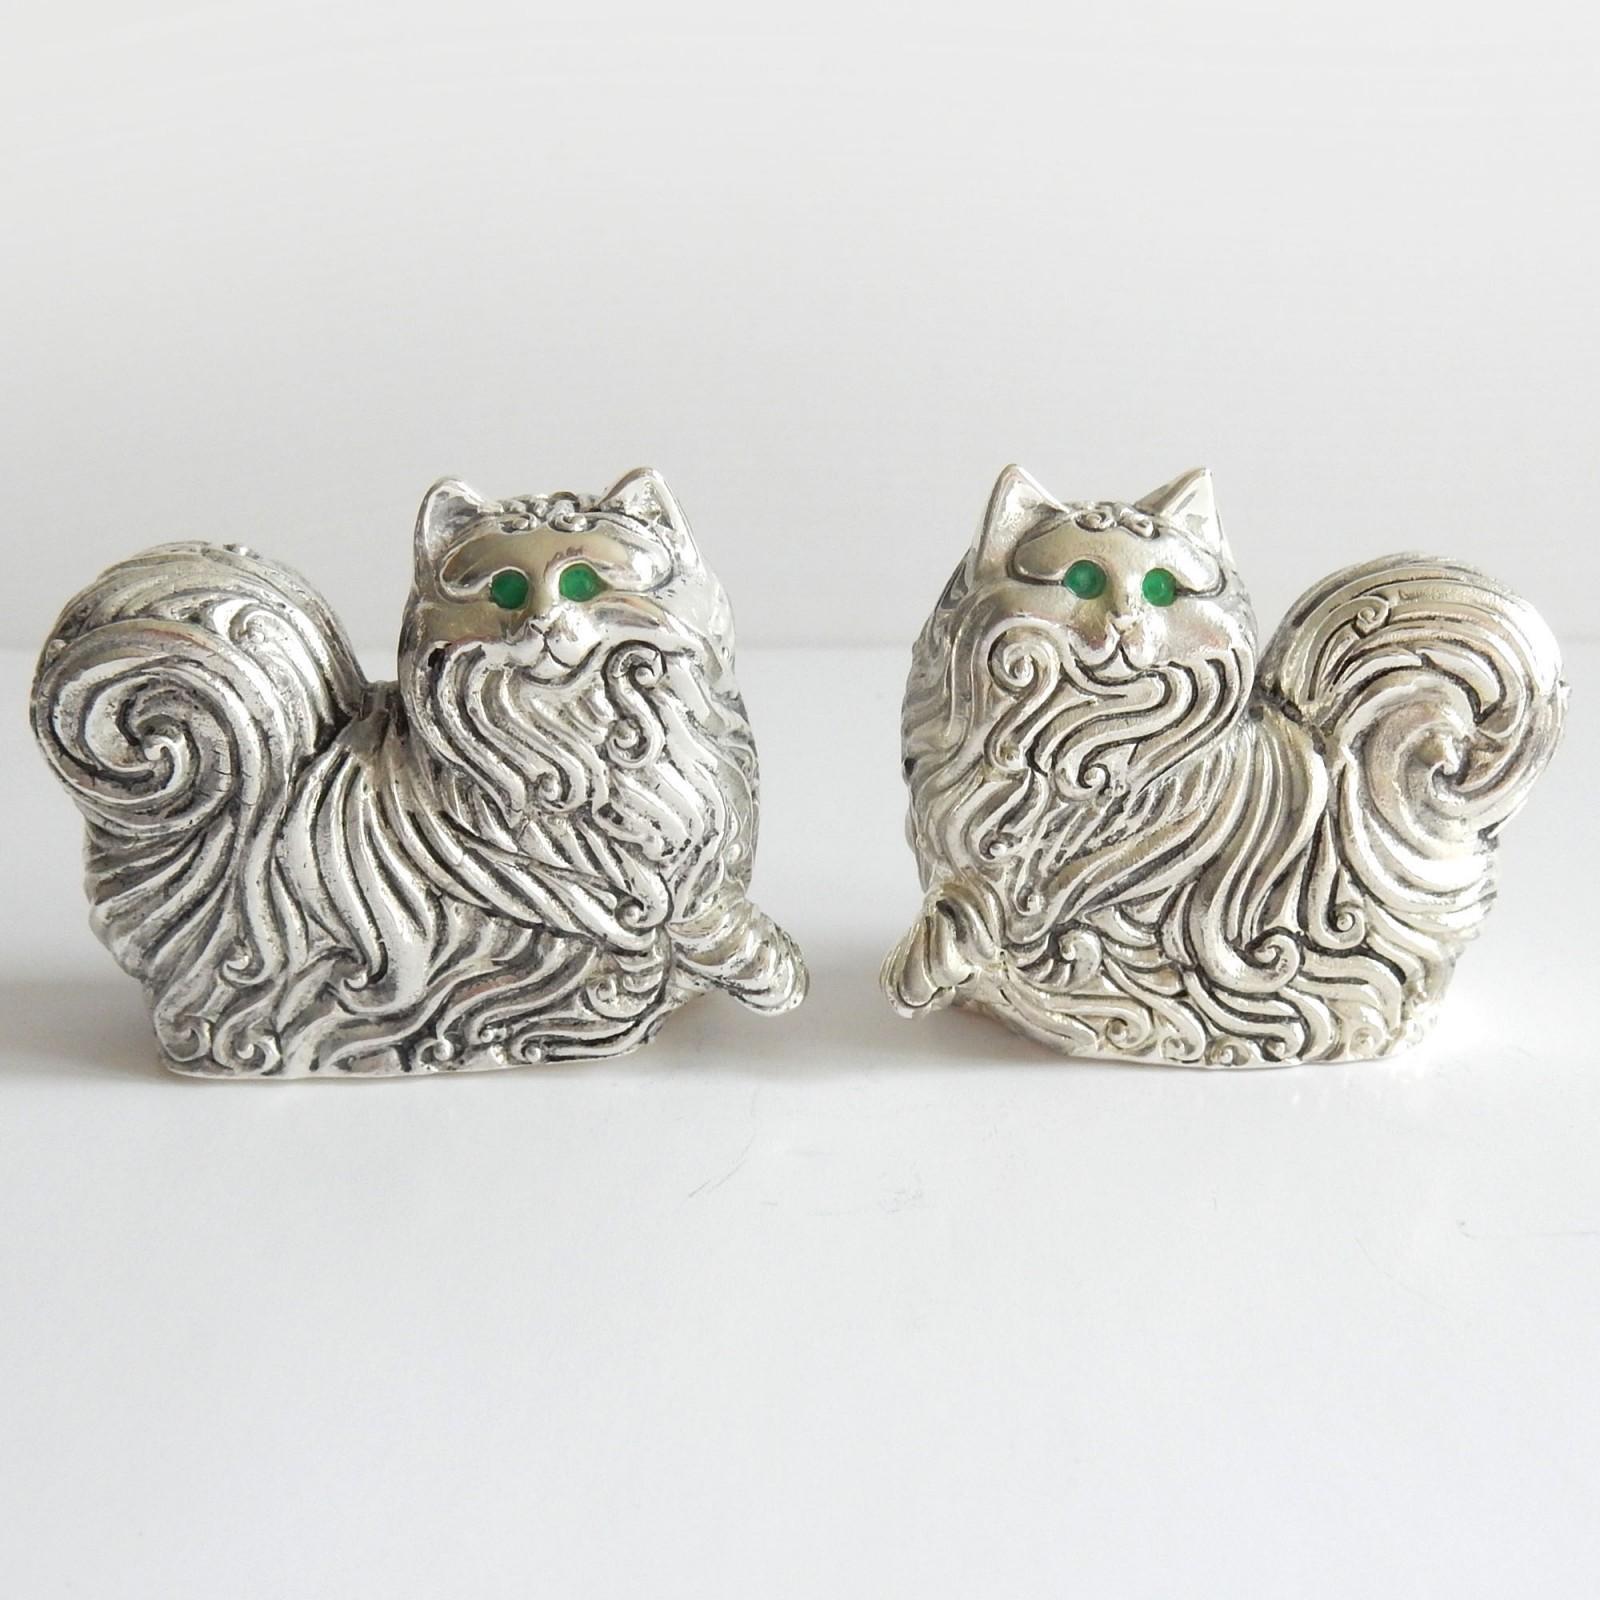 Photo of Novelty Emerald Silverplate Persian Cat Salt & Pepper Pot